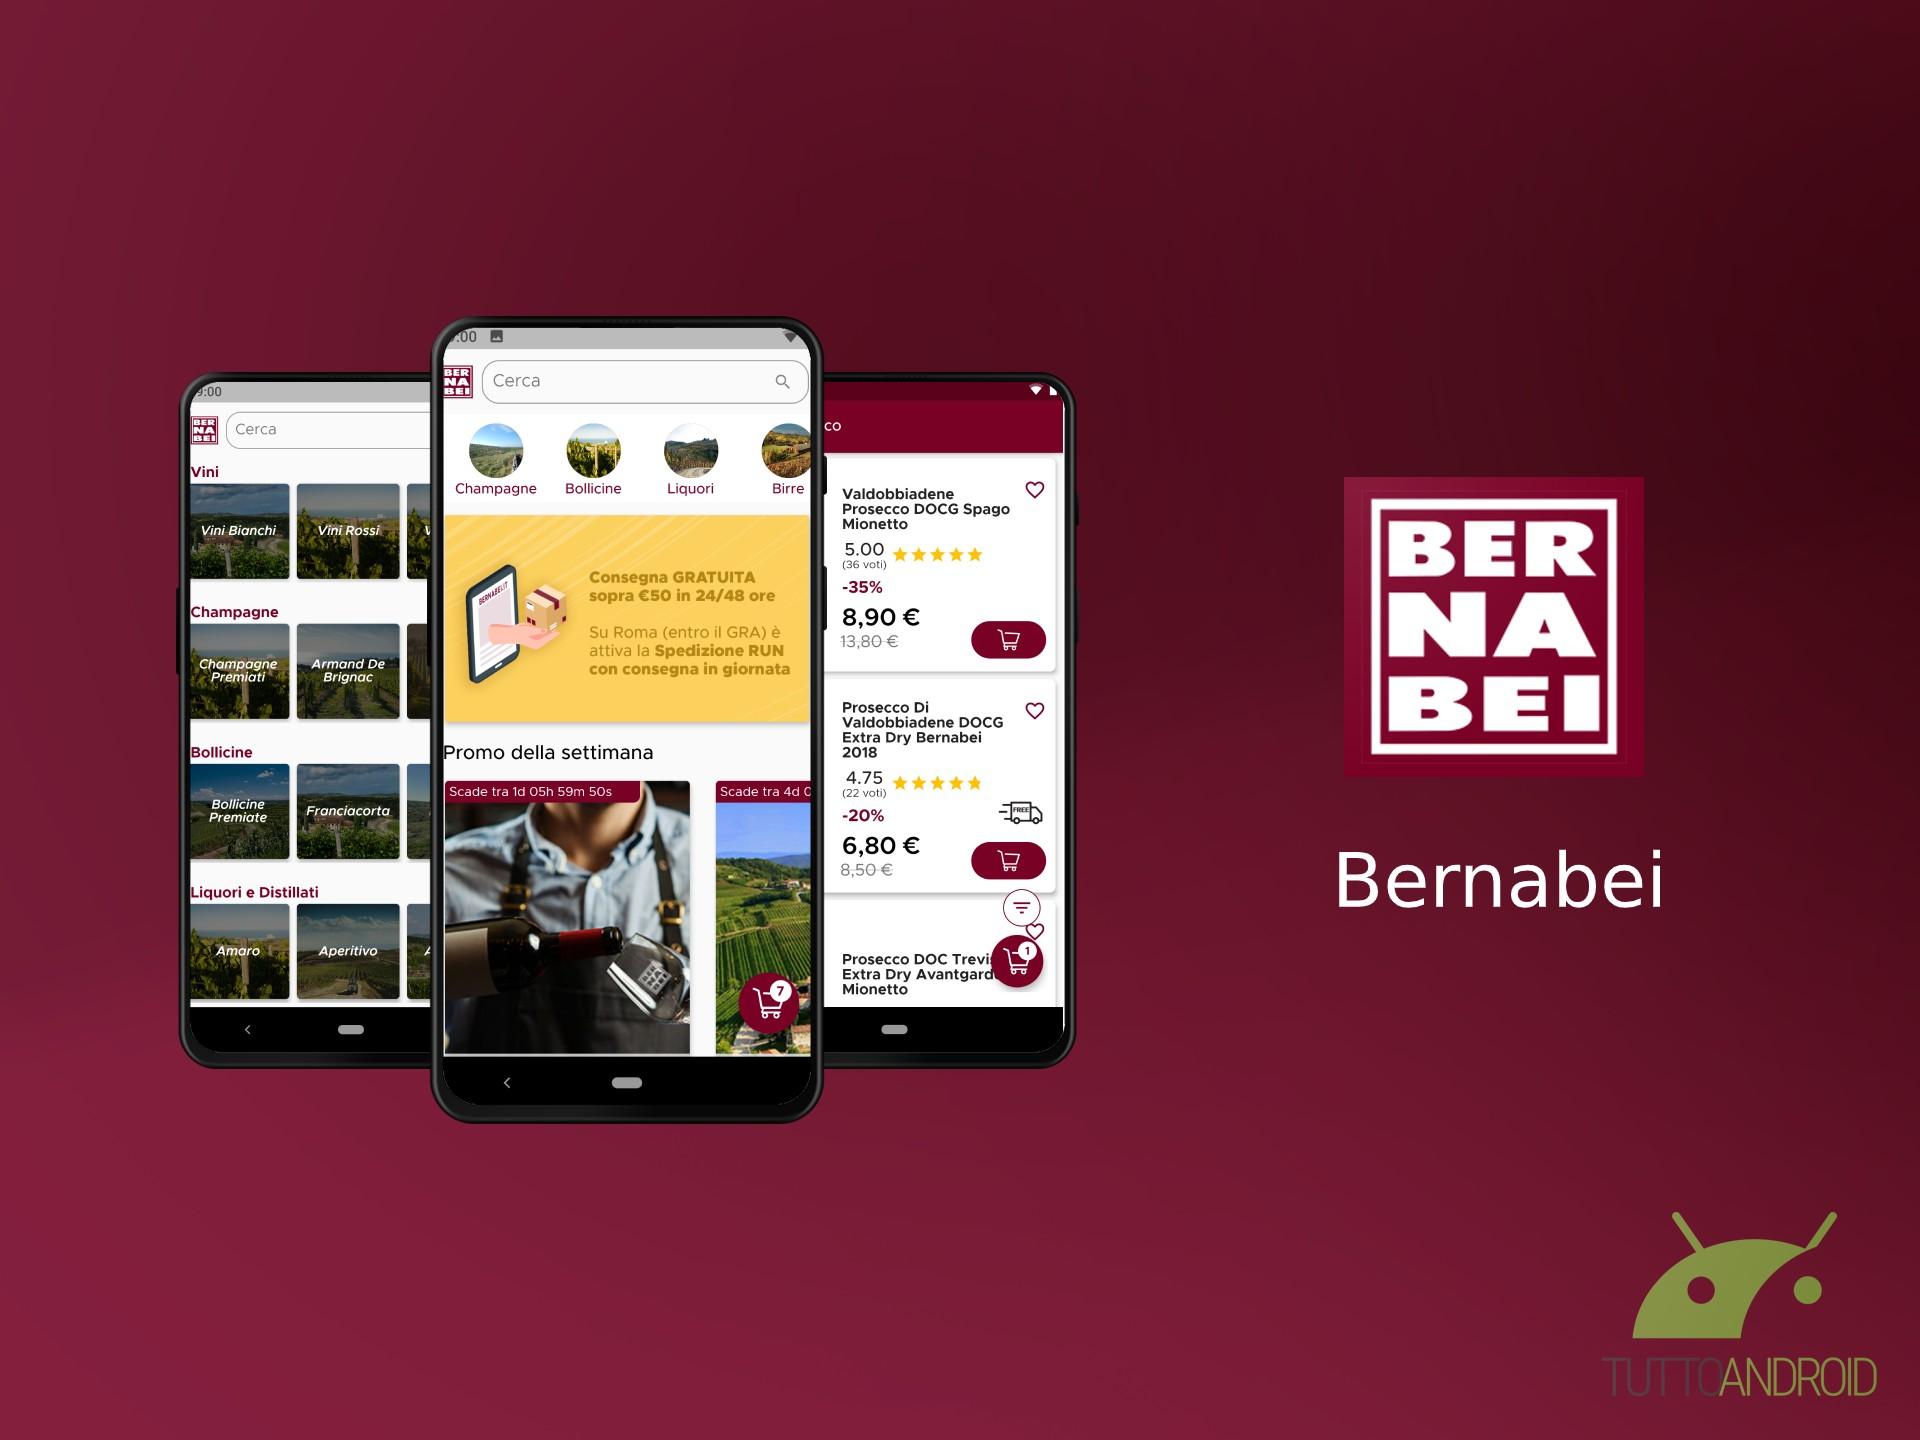 L'app Bernabei permette di acquistare online vini, liquori,